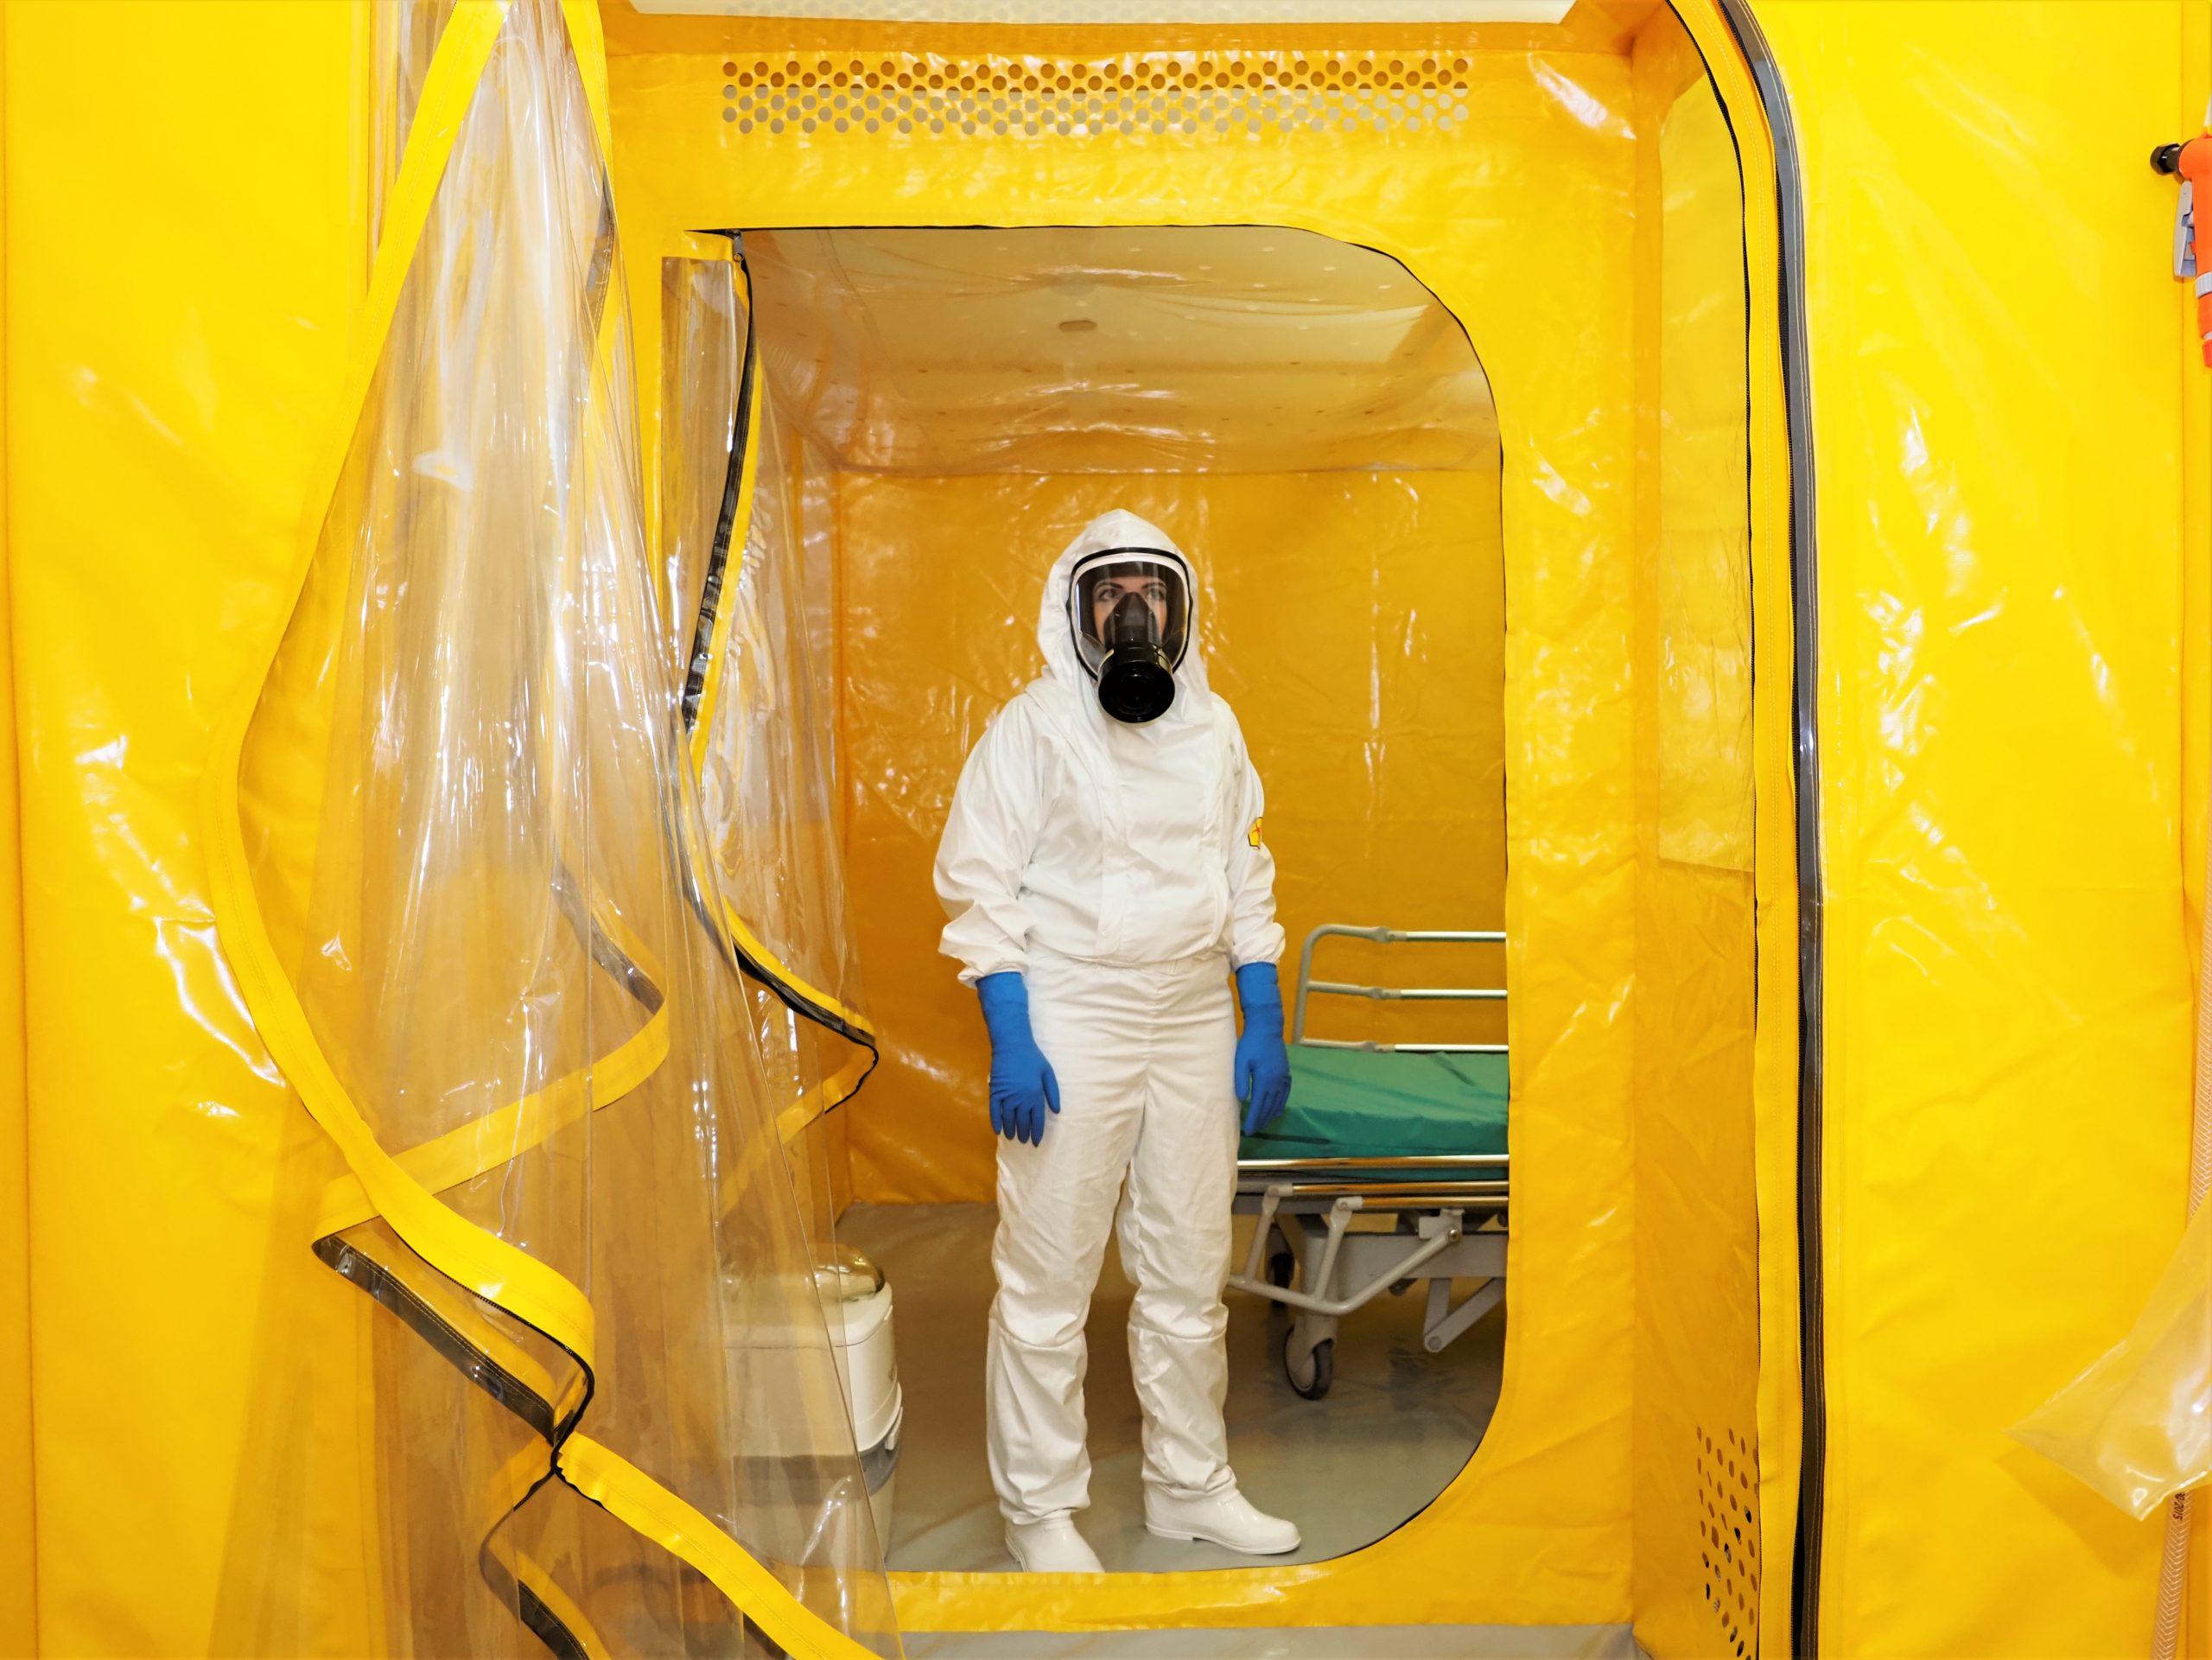 За прошедшие сутки в Московском регионе выявили 5 002 новых случая инфекции коронавируса. Фото: Антон Гердо, «Вечерняя Москва»